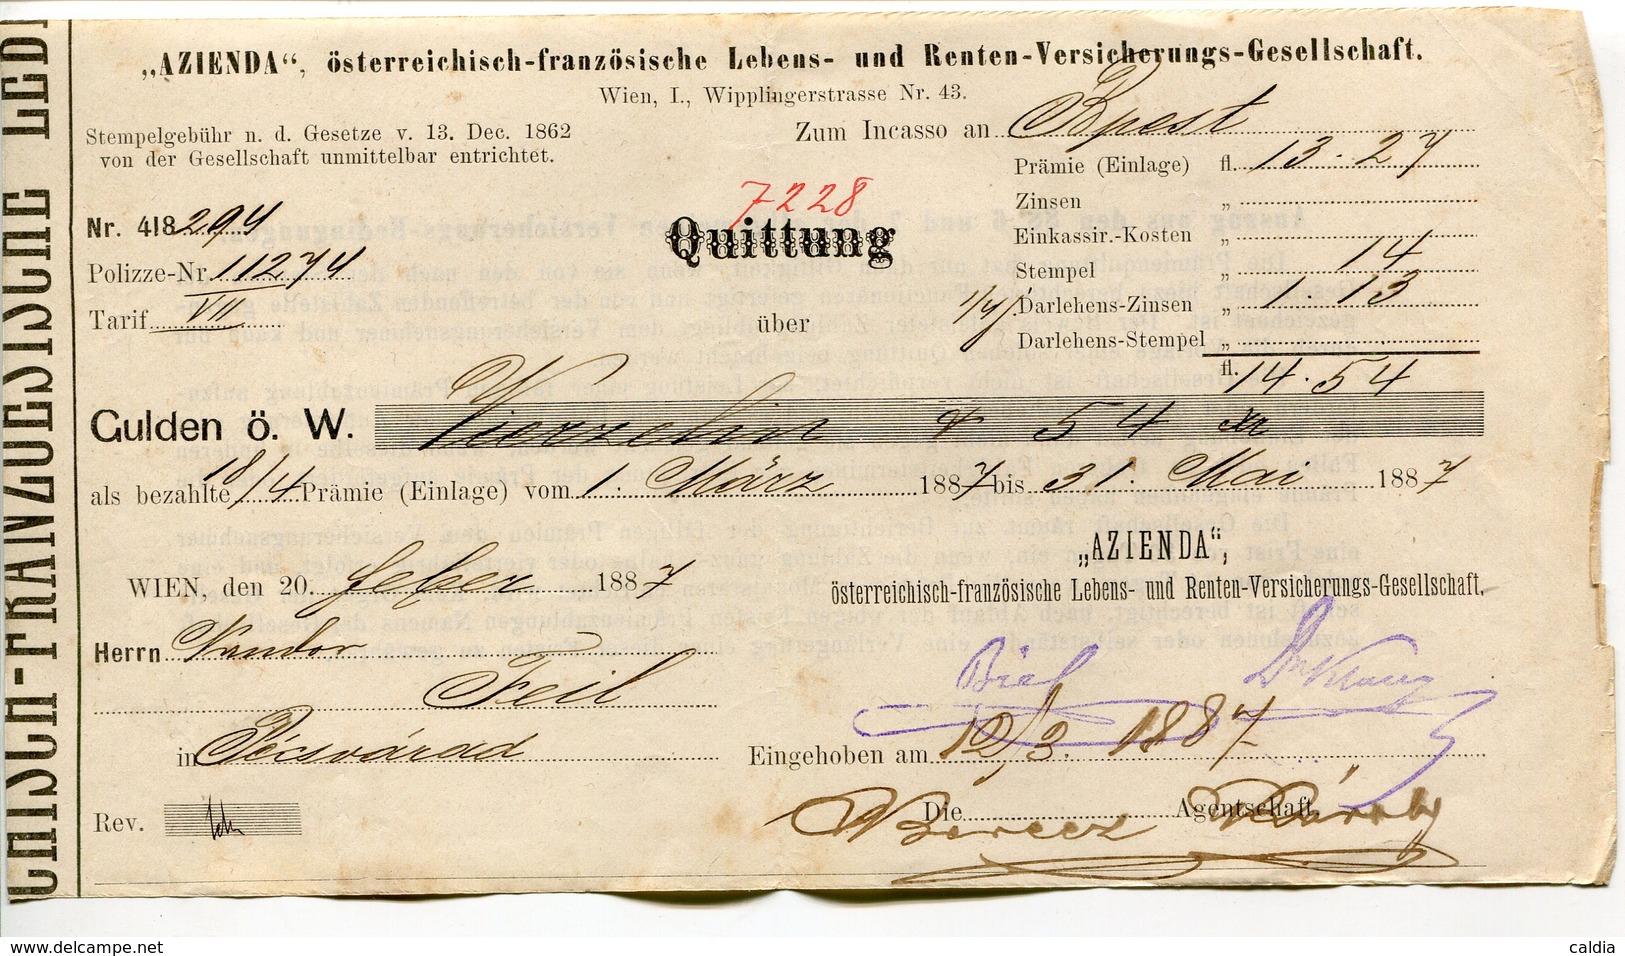 """Autriche Austria Österreich Ticket QUITTUNG """" AZIENDA """" Austria - France Society 1887 # 1 - Autriche"""